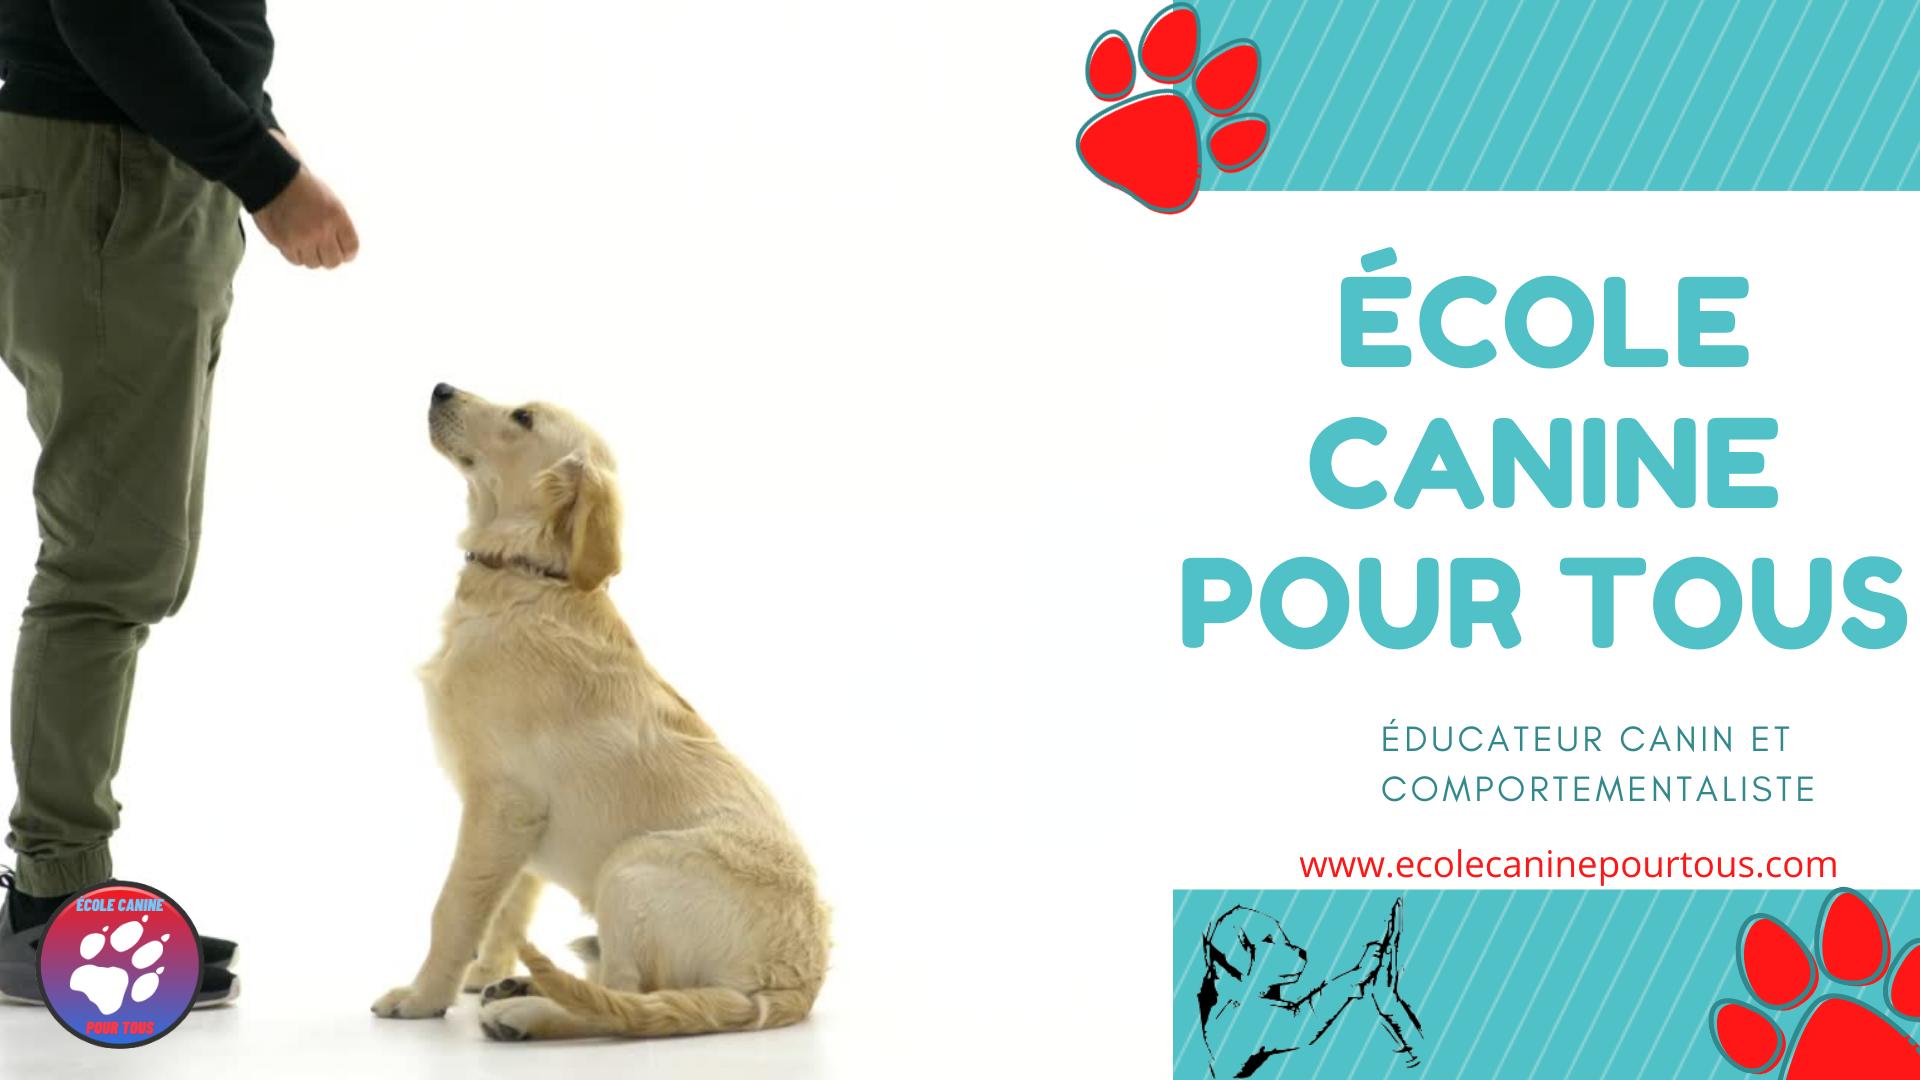 ÉCOLE CANINE POUR TOUS, éducateur comportementaliste canin